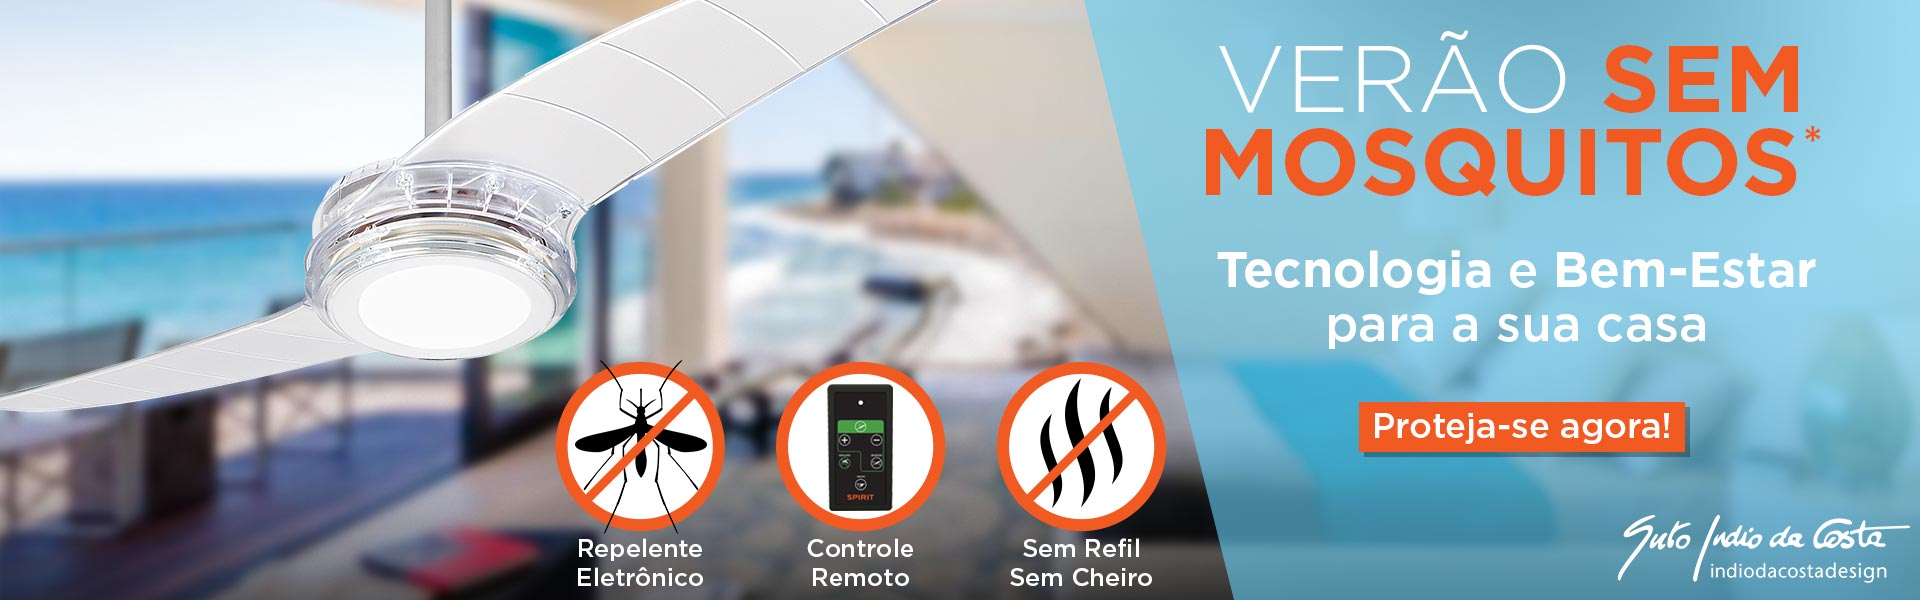 O Primeiro Ventilador de Teto Com Repelente Eletrônico de Mosquitos